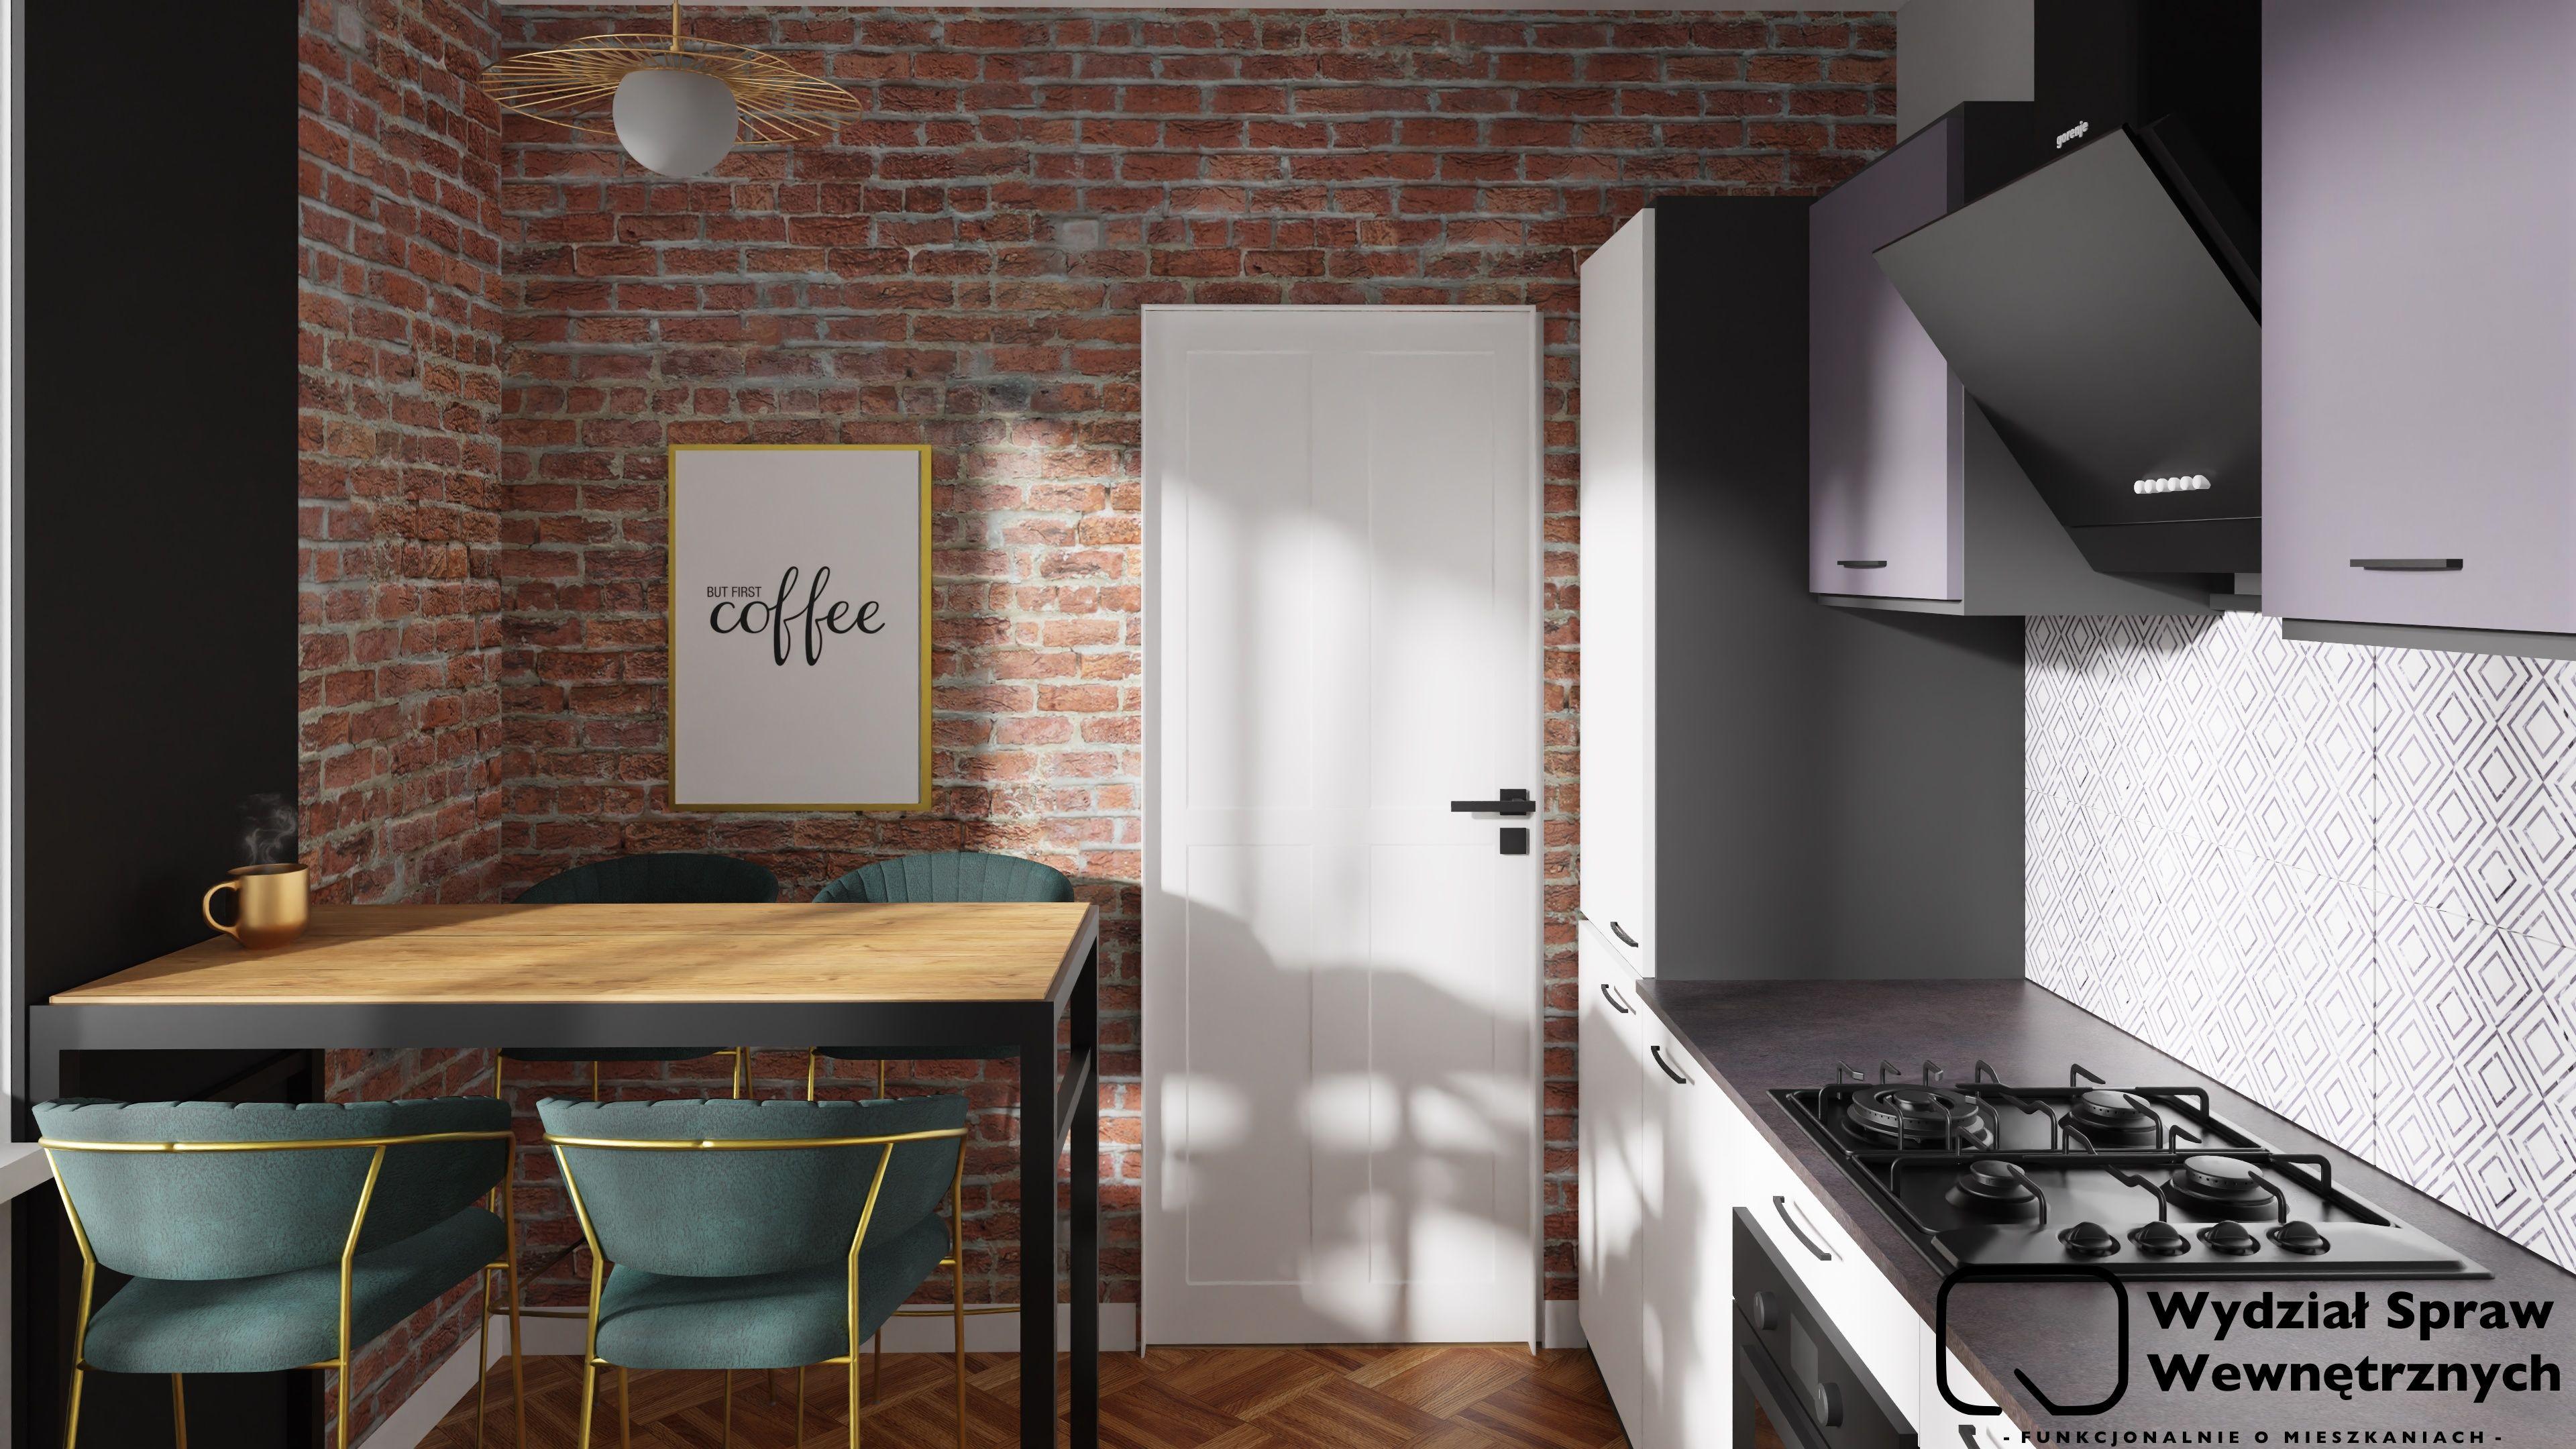 Bialo Grafitowa Kuchnia Kuchnia Prosta Kuchnia Z Cegla Kacik Sniadaniowy Home Decor Home Desk